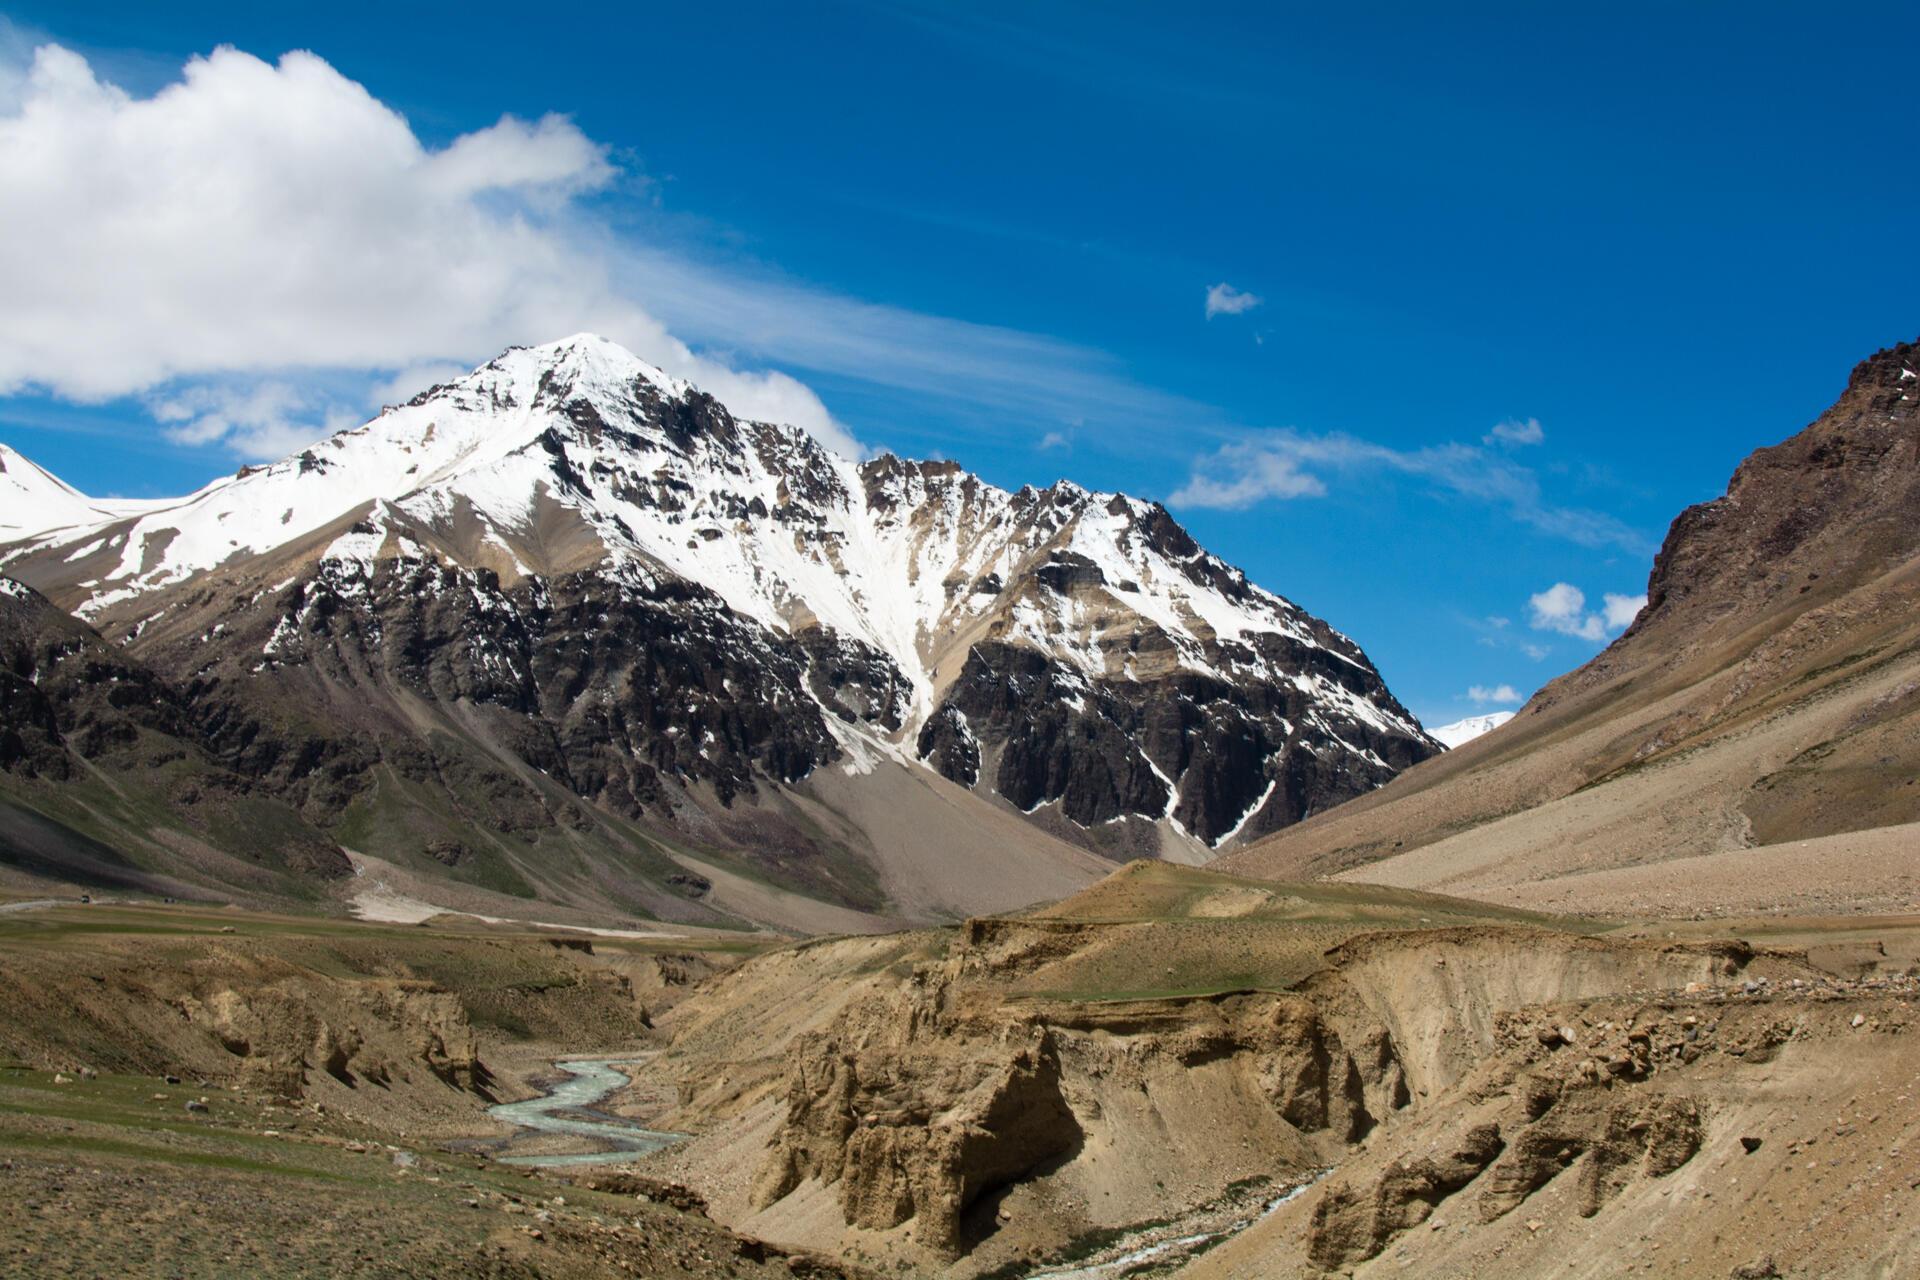 Les glaciers fournissent 90% de l'eau à la population. Chaque village se situe sous l'un d'entre eux. Mais le réchauffement de la température fait fondre cette ressource.